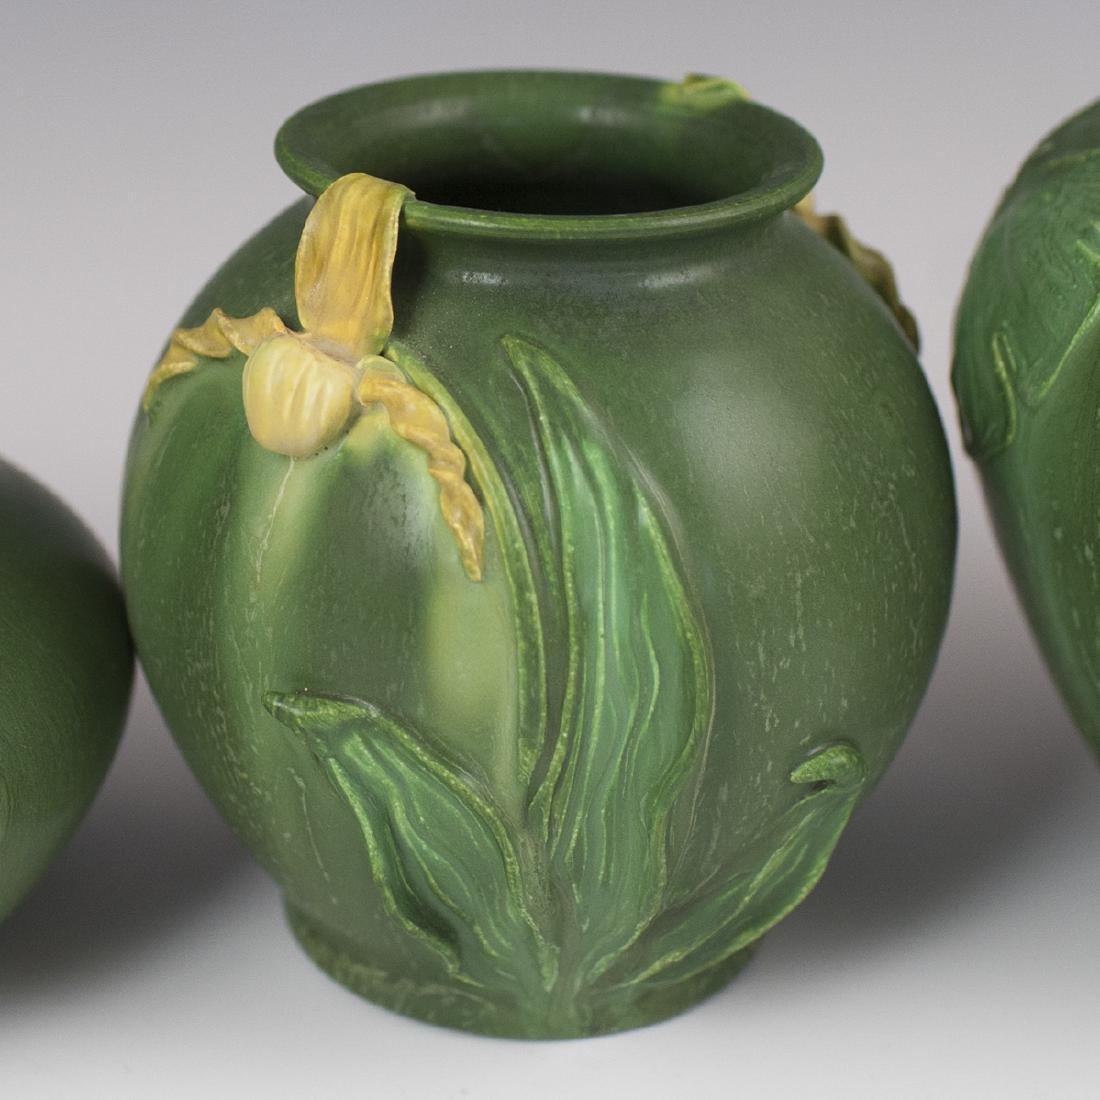 Ephraim Faience Pottery Vases - 4